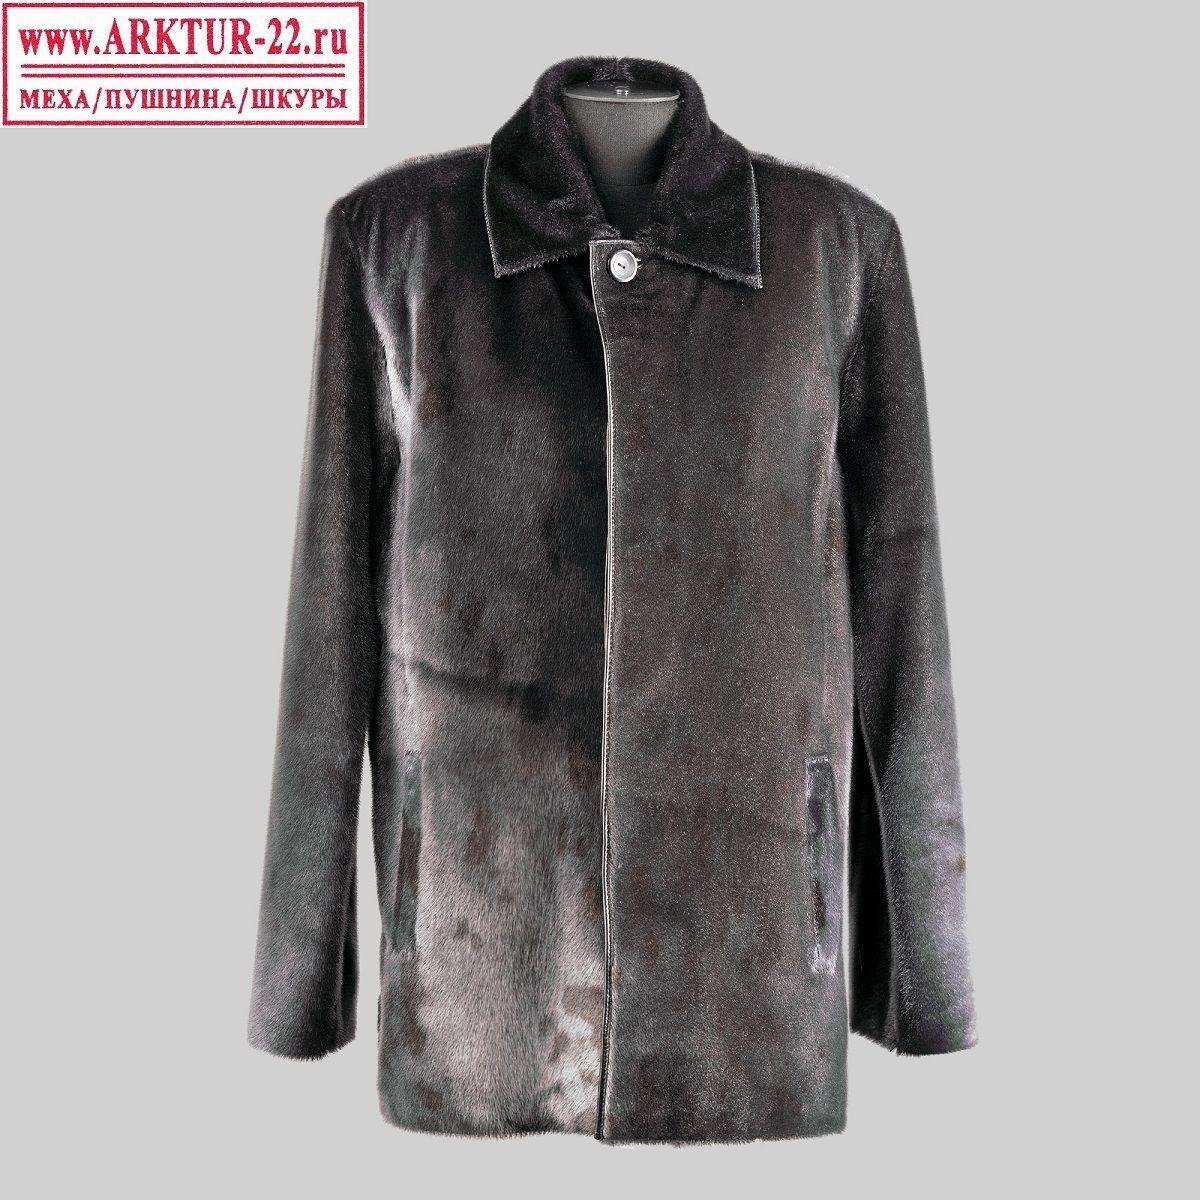 Купить Шубу Куртку